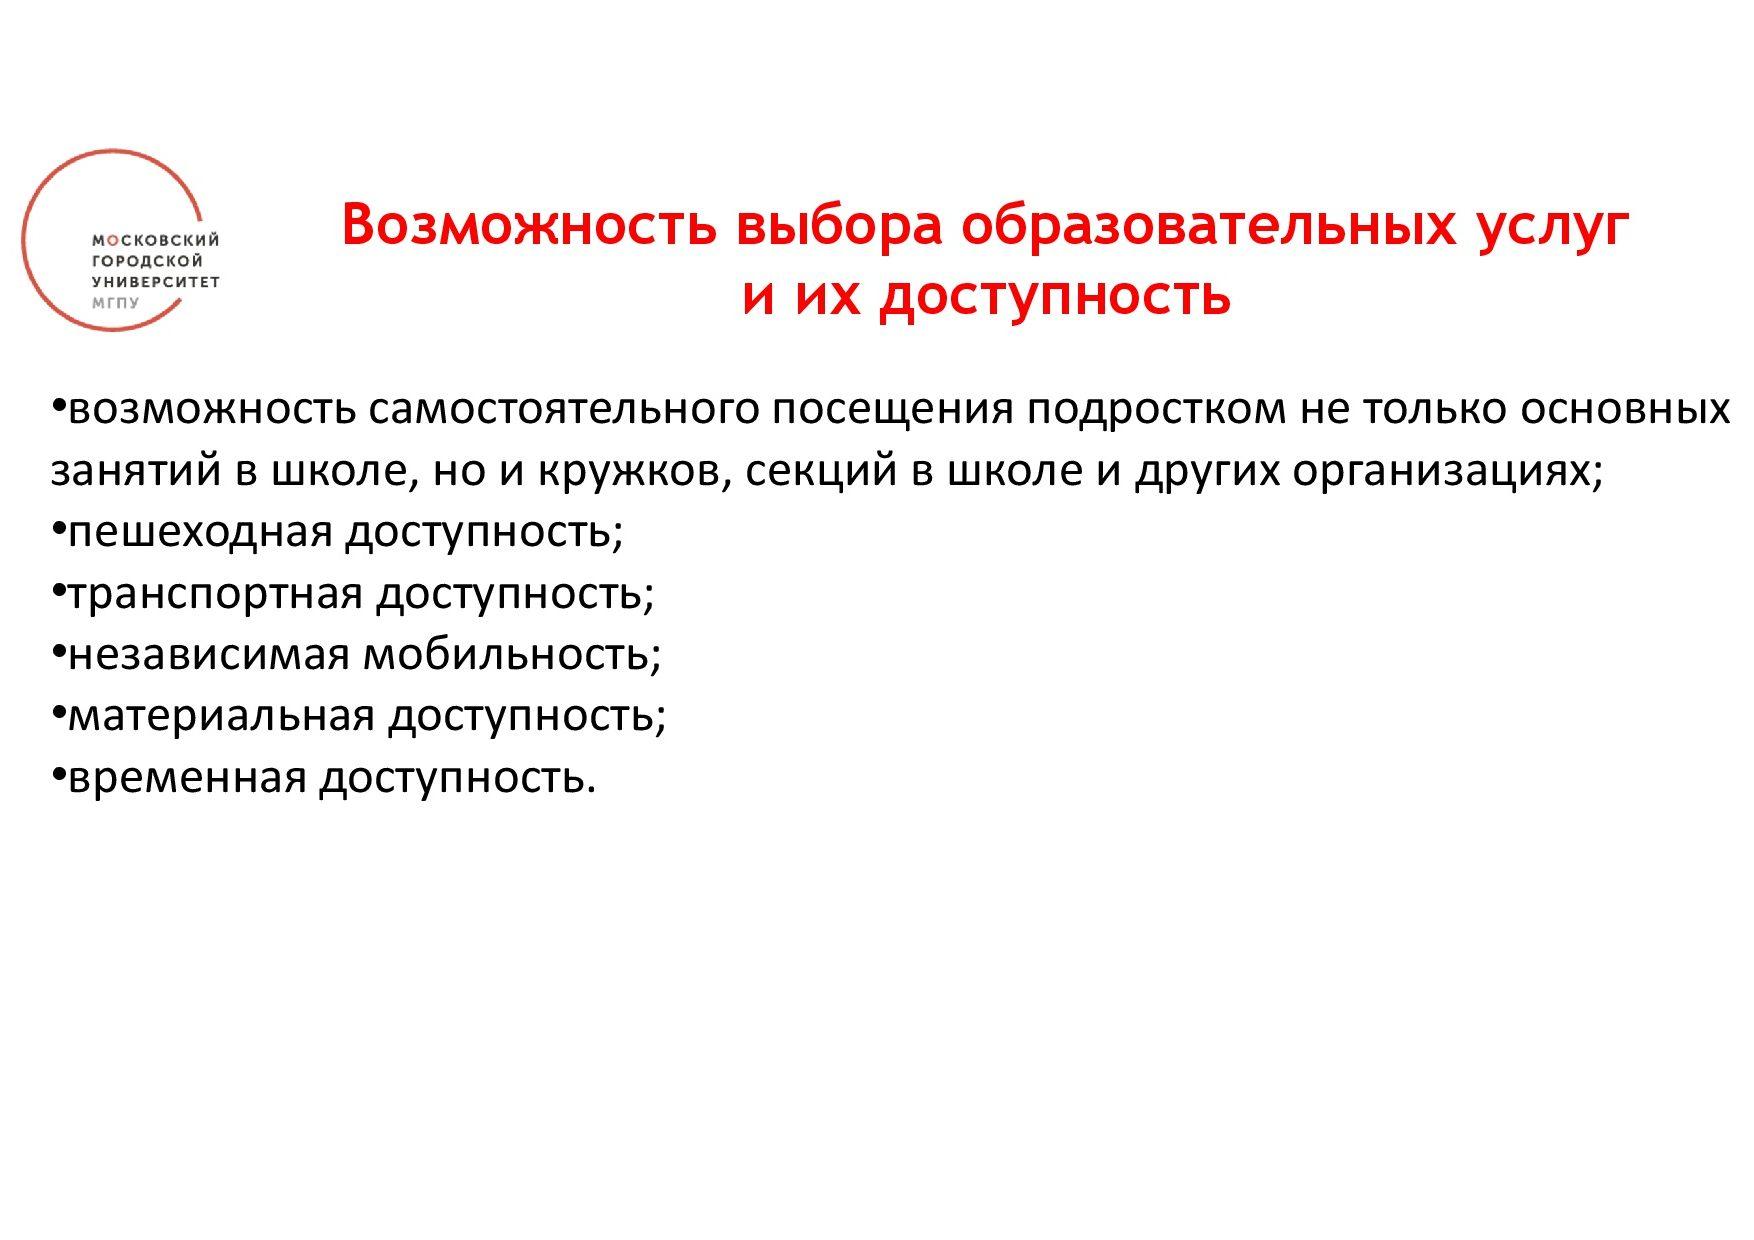 Презентация на МГК -Иванова ЕВ-019